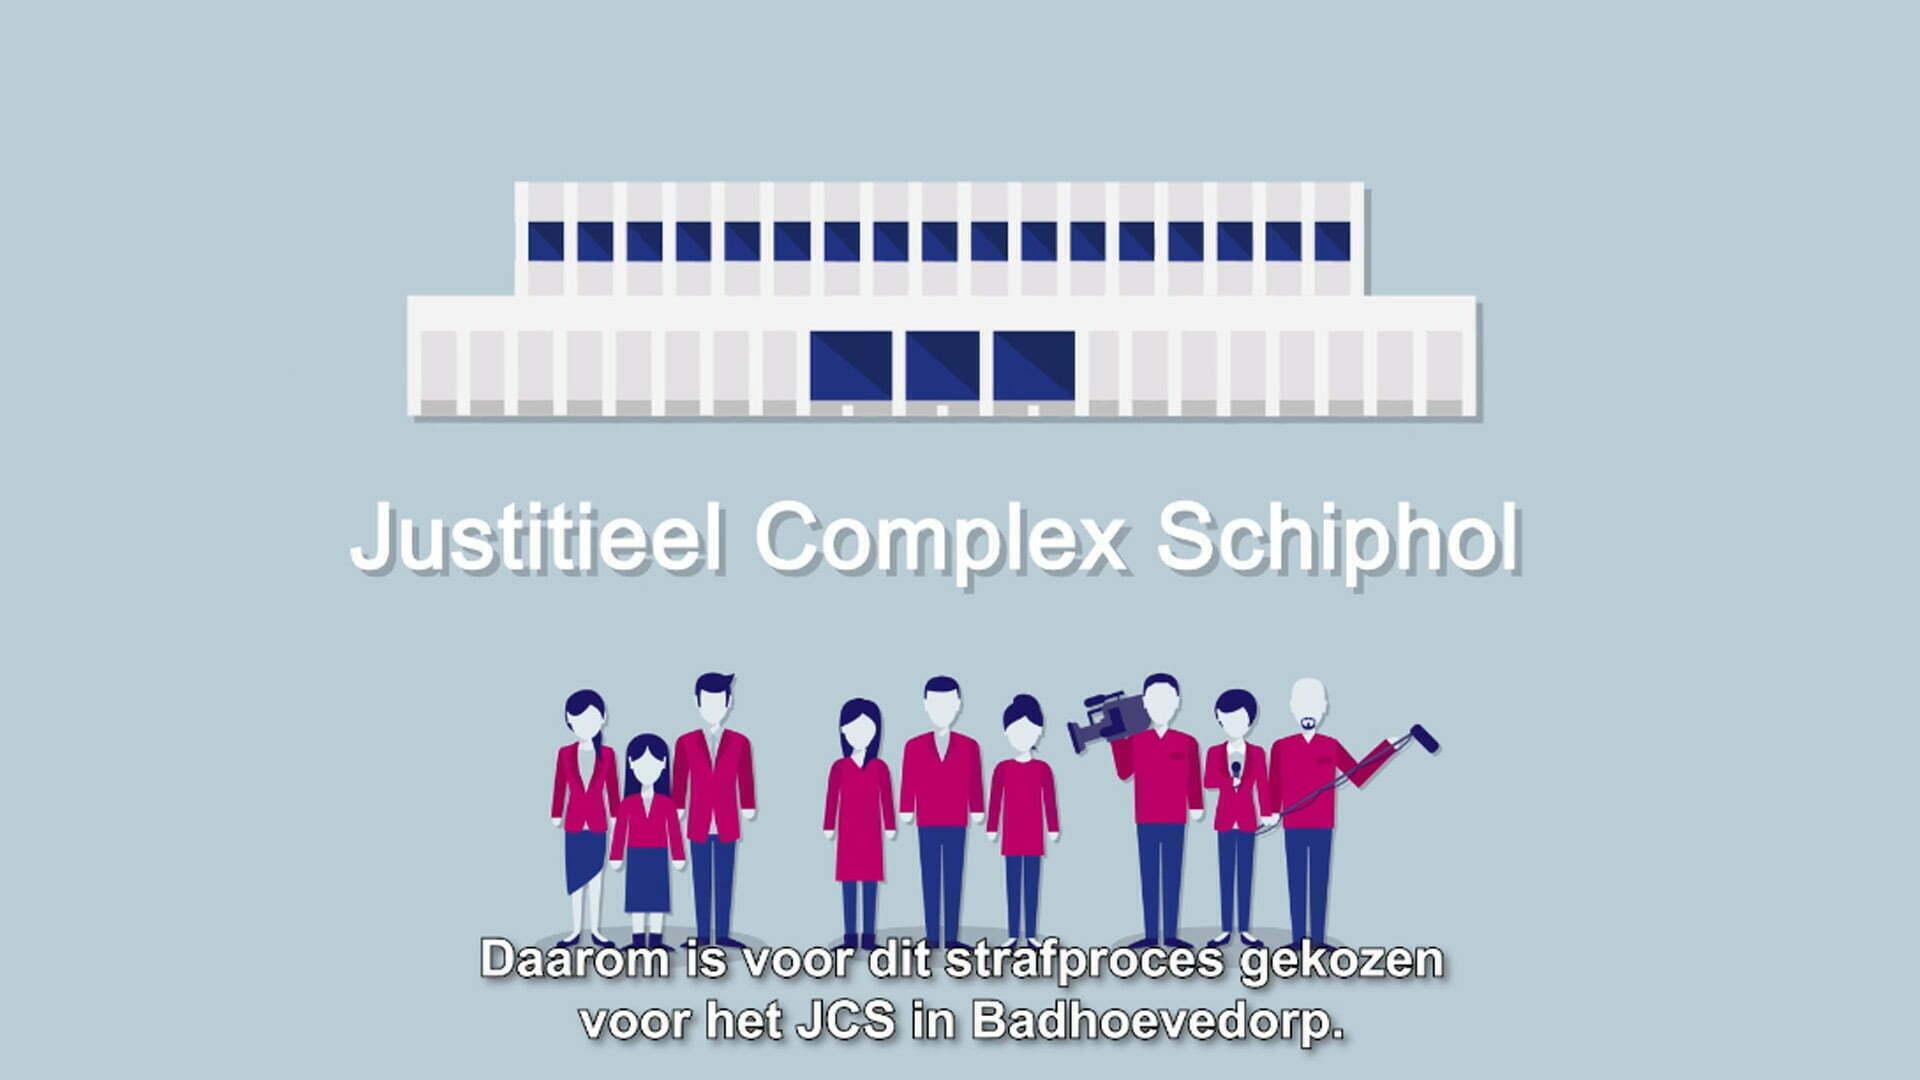 Pixelwish, Design, Projecten, MH17, MH17 Mediabriefing, Court, Uitleganimatie, Rechtzaal, Rechtspraak, 3D Design, 3D Visualisatie, Schiphol